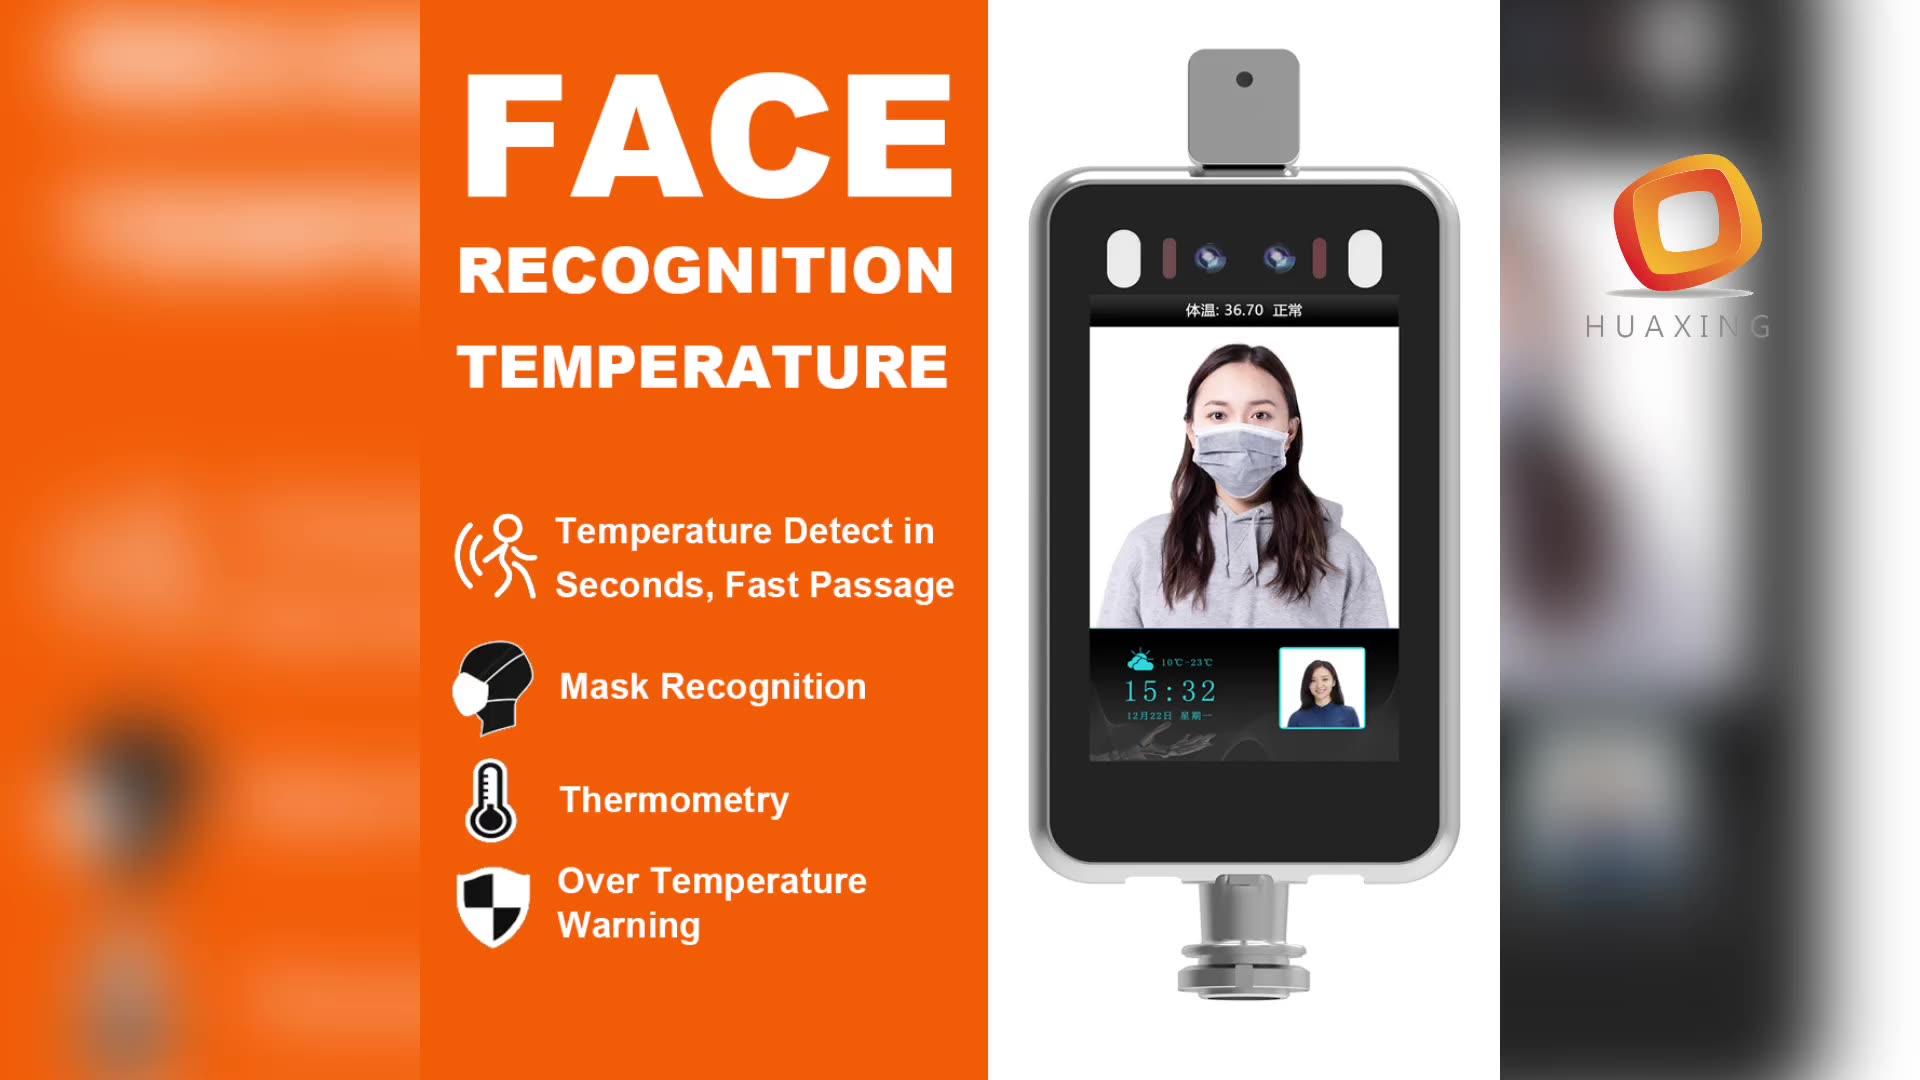 אדם גוף מדידה תרמית זיהוי זיהוי פן מצלמה עם טמפרטורת חיישן